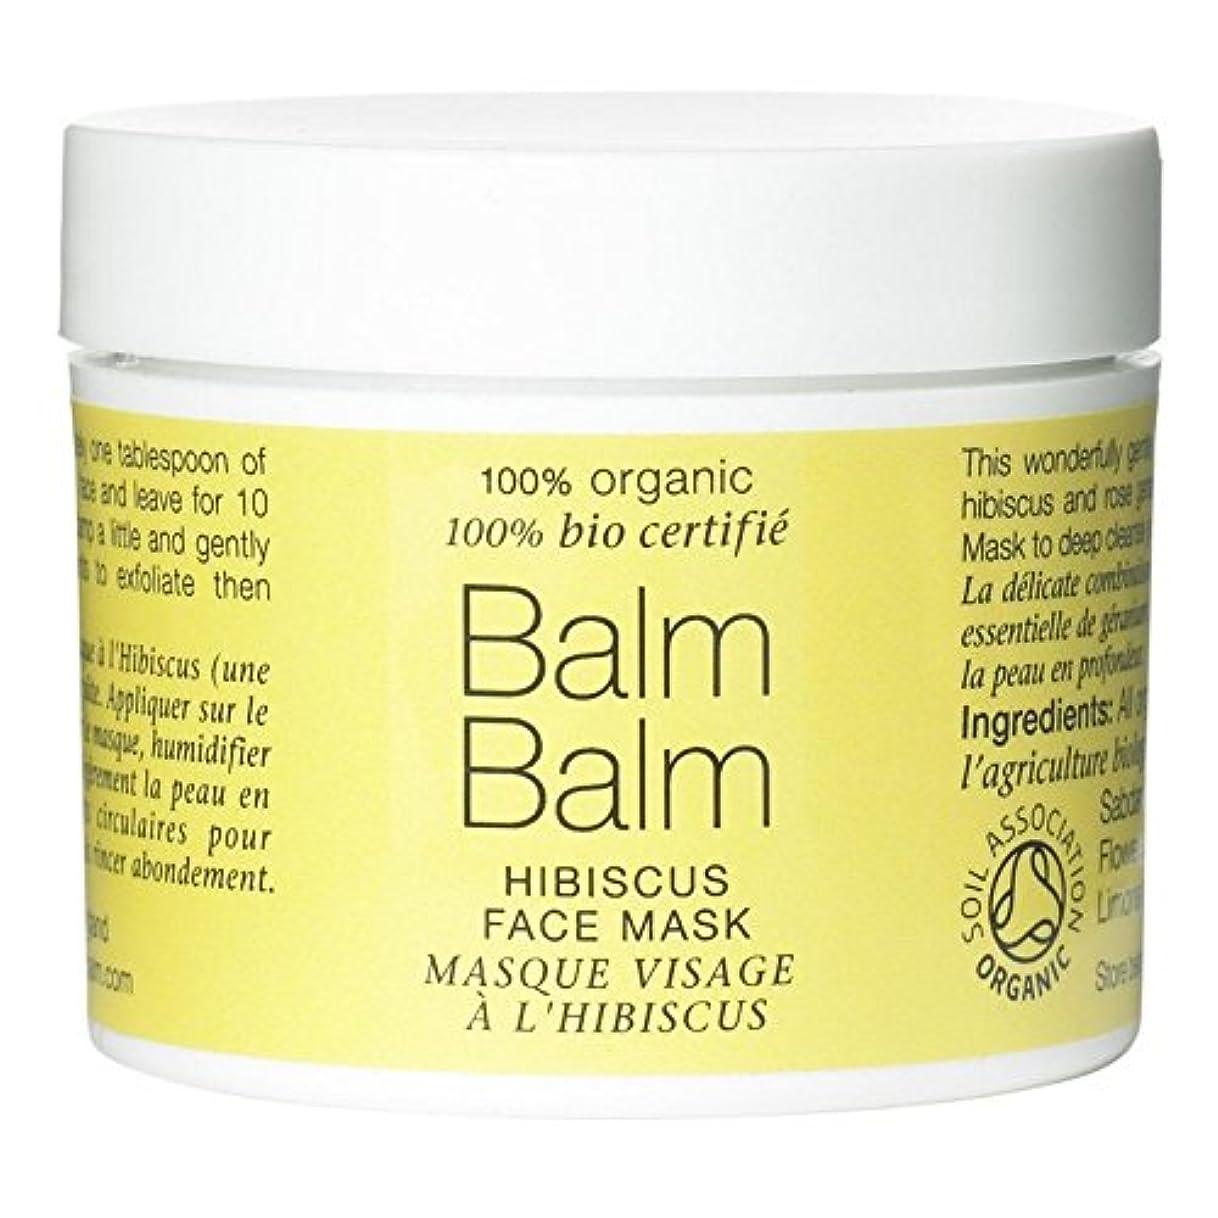 アニメーションチートワークショップバームバームオーガニックハイビスカスフェイスマスク100グラム x4 - Balm Balm Organic Hibiscus Face Mask 100g (Pack of 4) [並行輸入品]